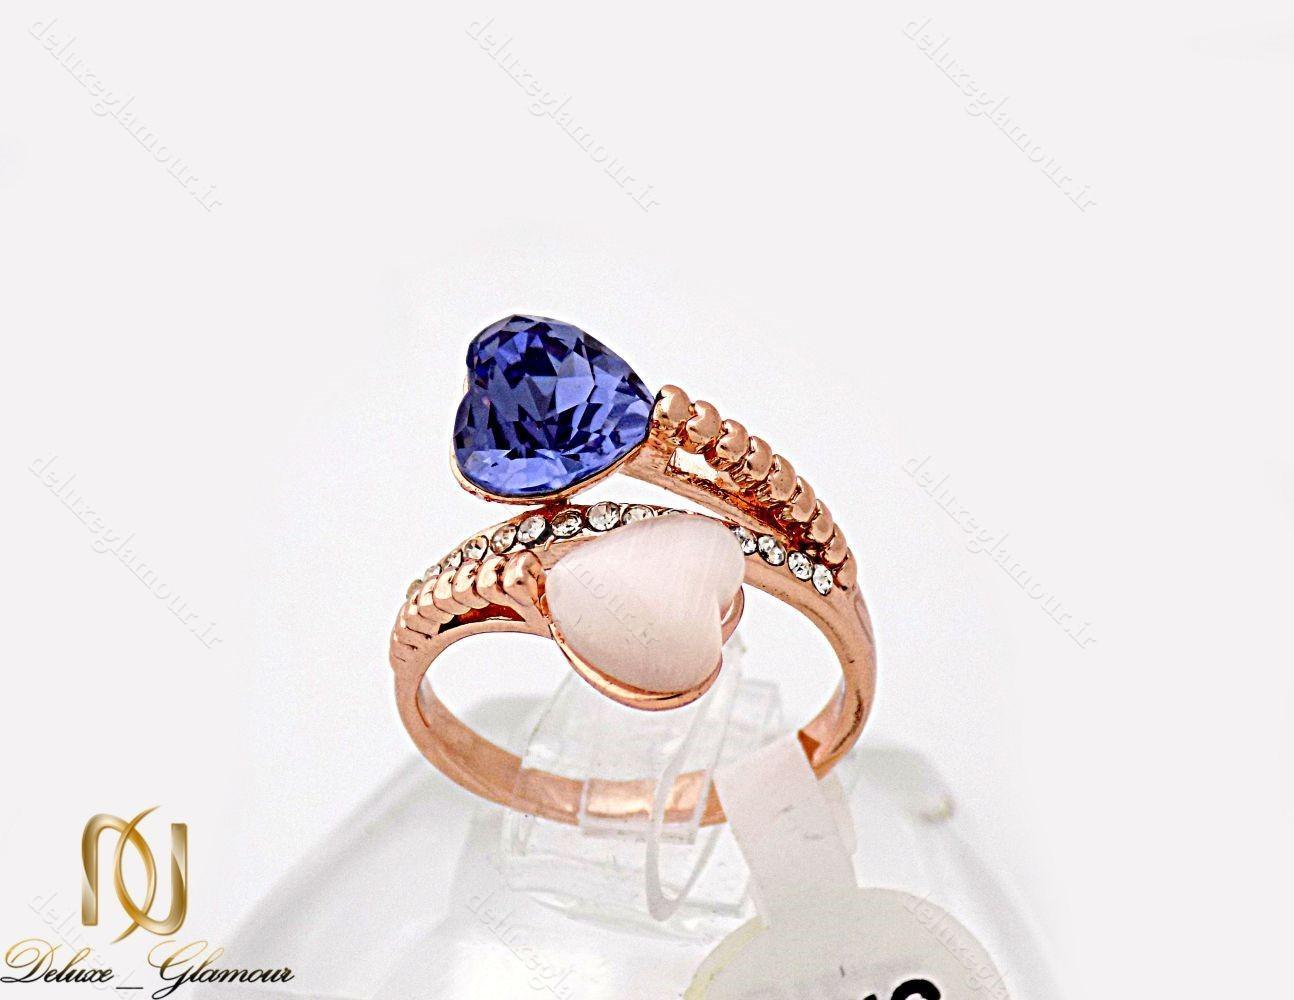 انگشتر دخترانه جواهری رزگلد با نگین سواروسکی و اپال RG-N227 از نمای روبرو